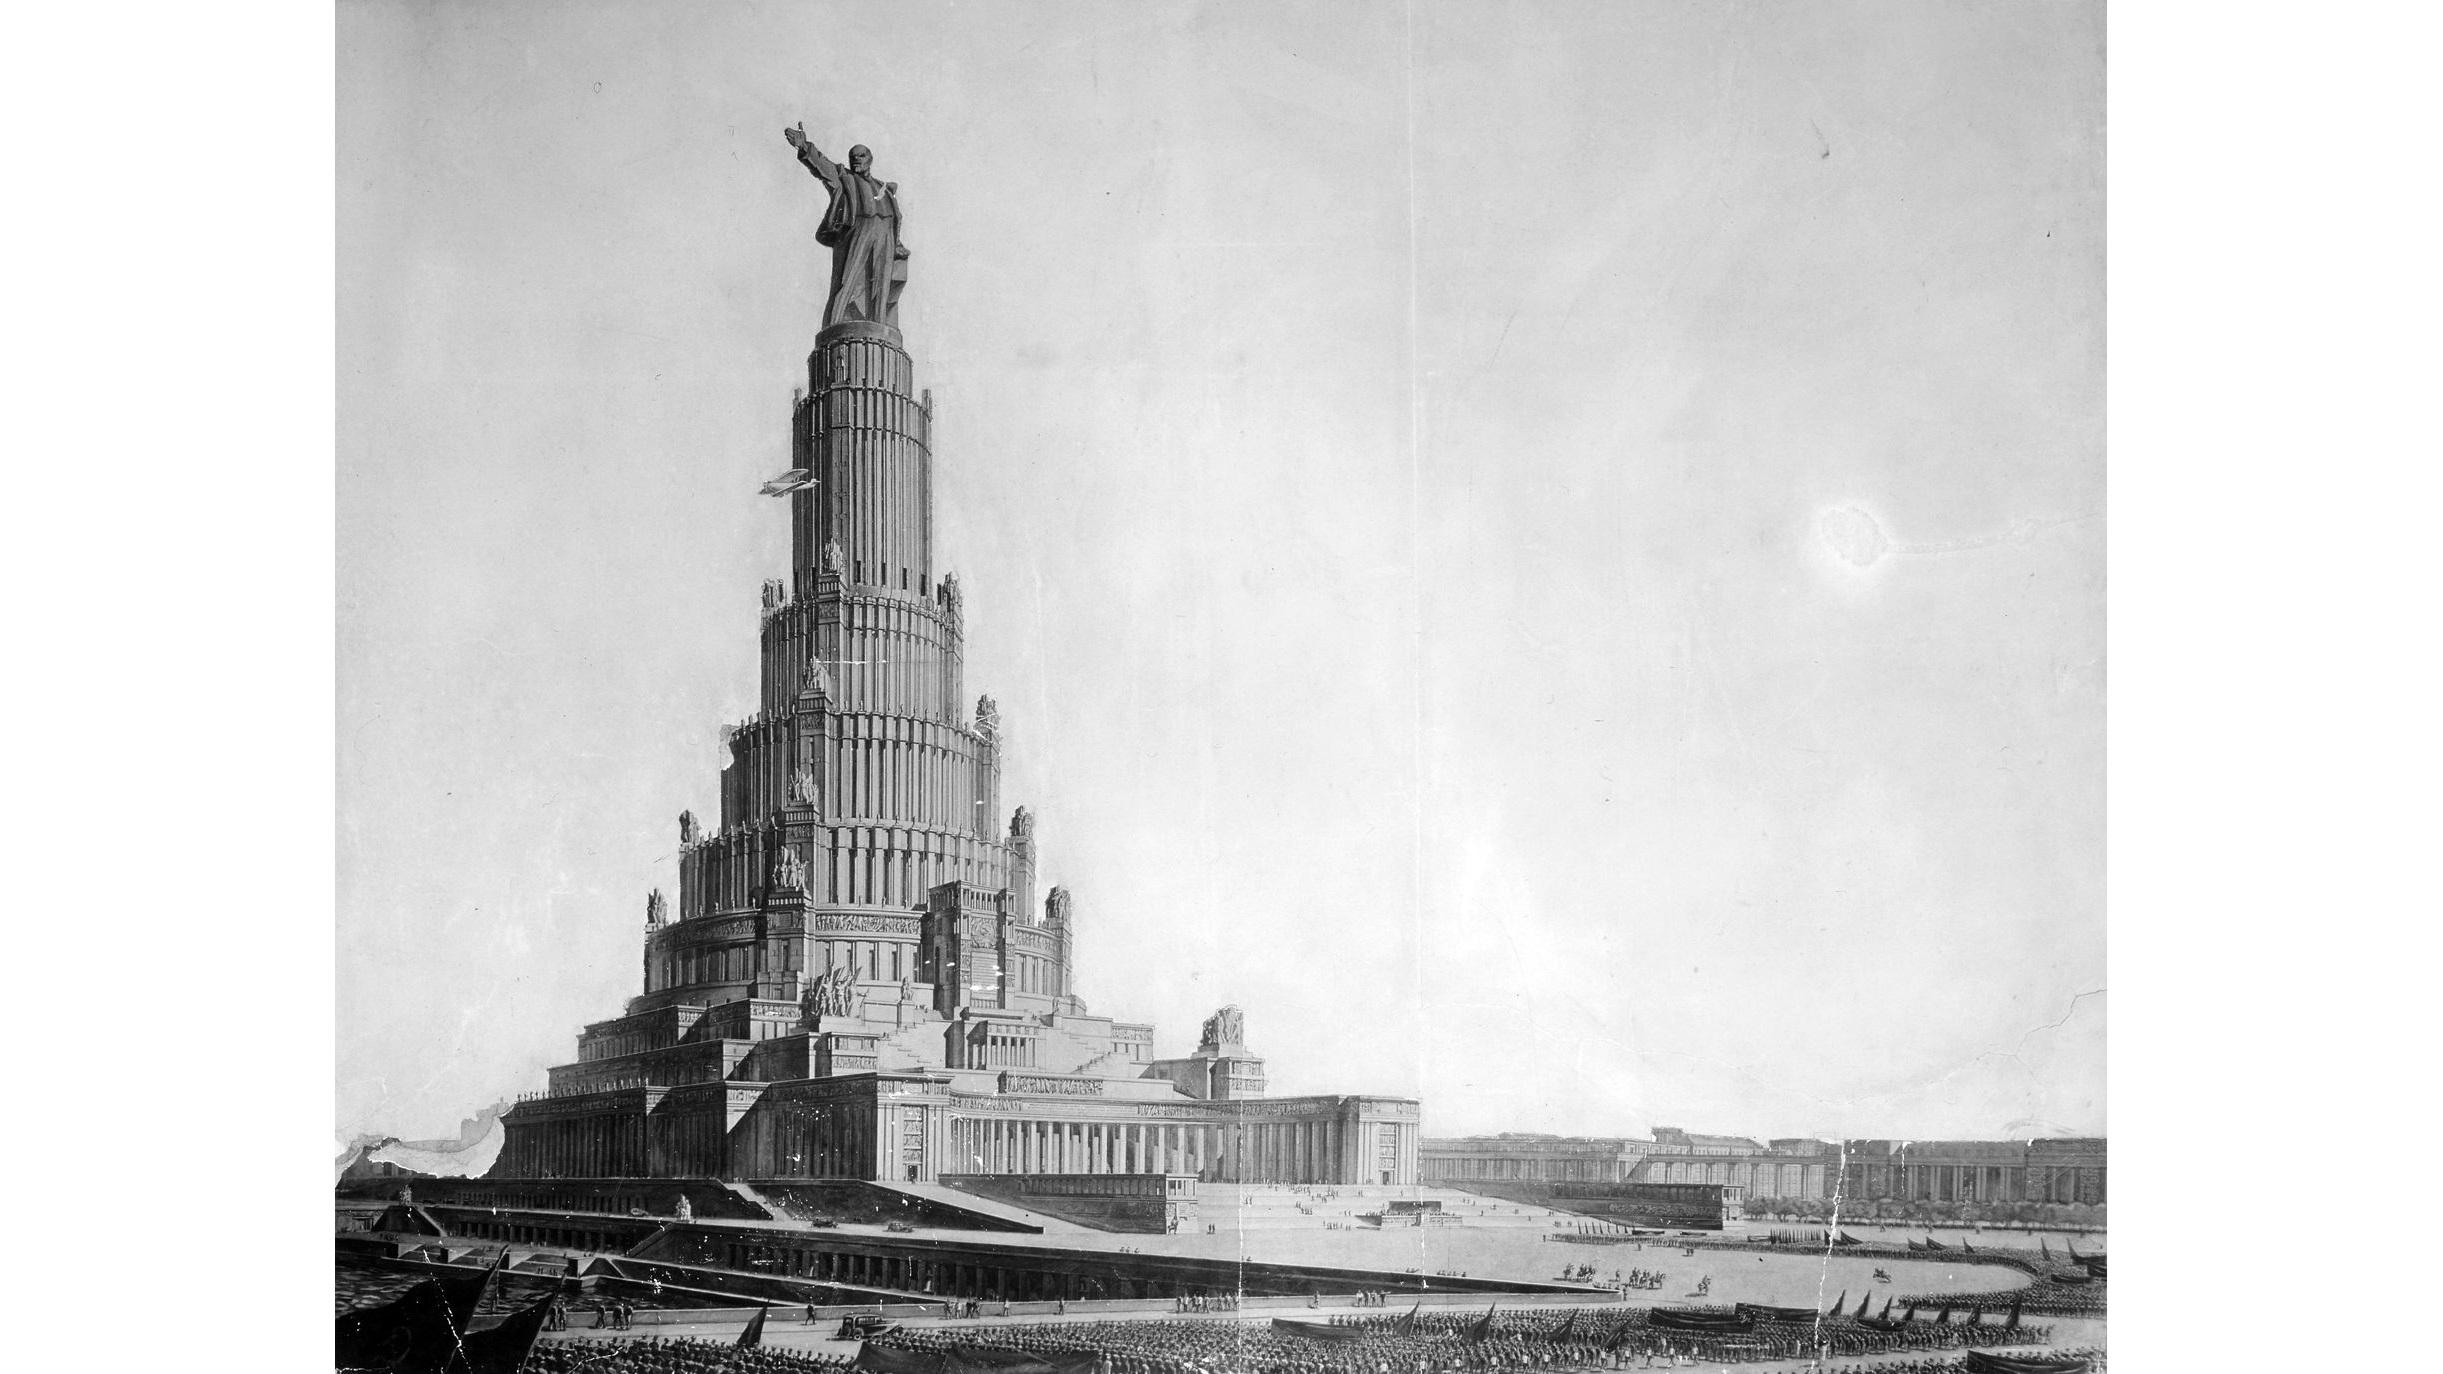 O triste destino dos seis edifícios que seriam os mais altos do mundo